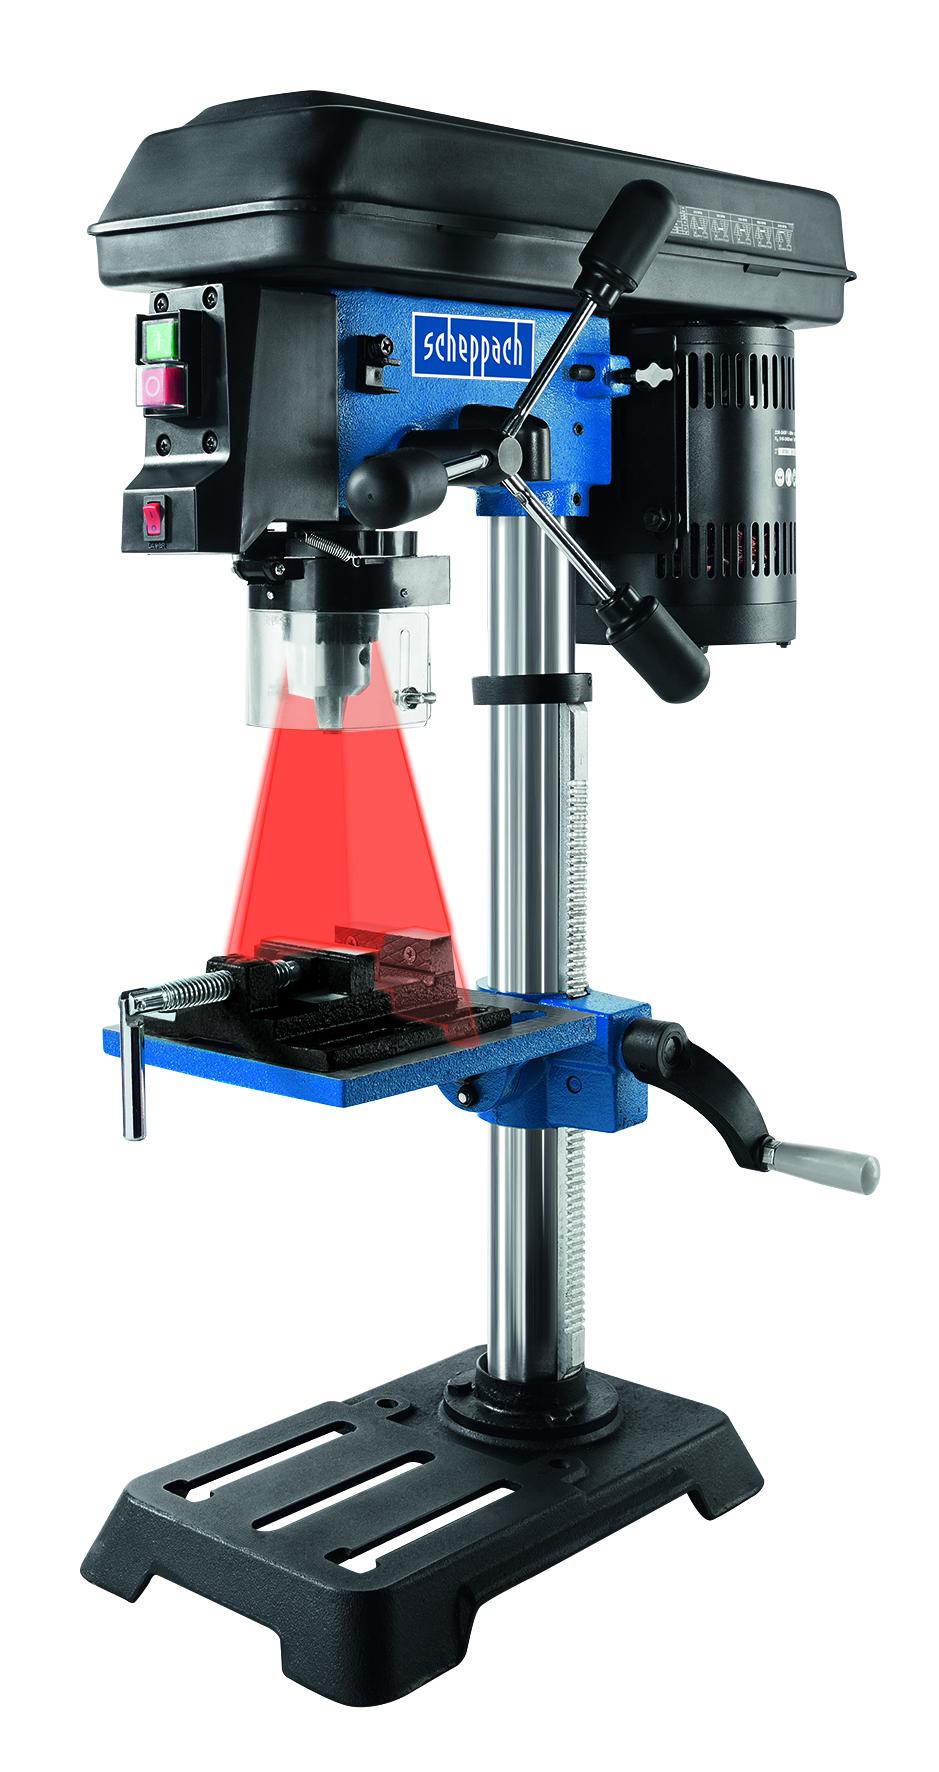 Scheppach DP 16 SL -állványos fúrógép lézeres özpontontosítással